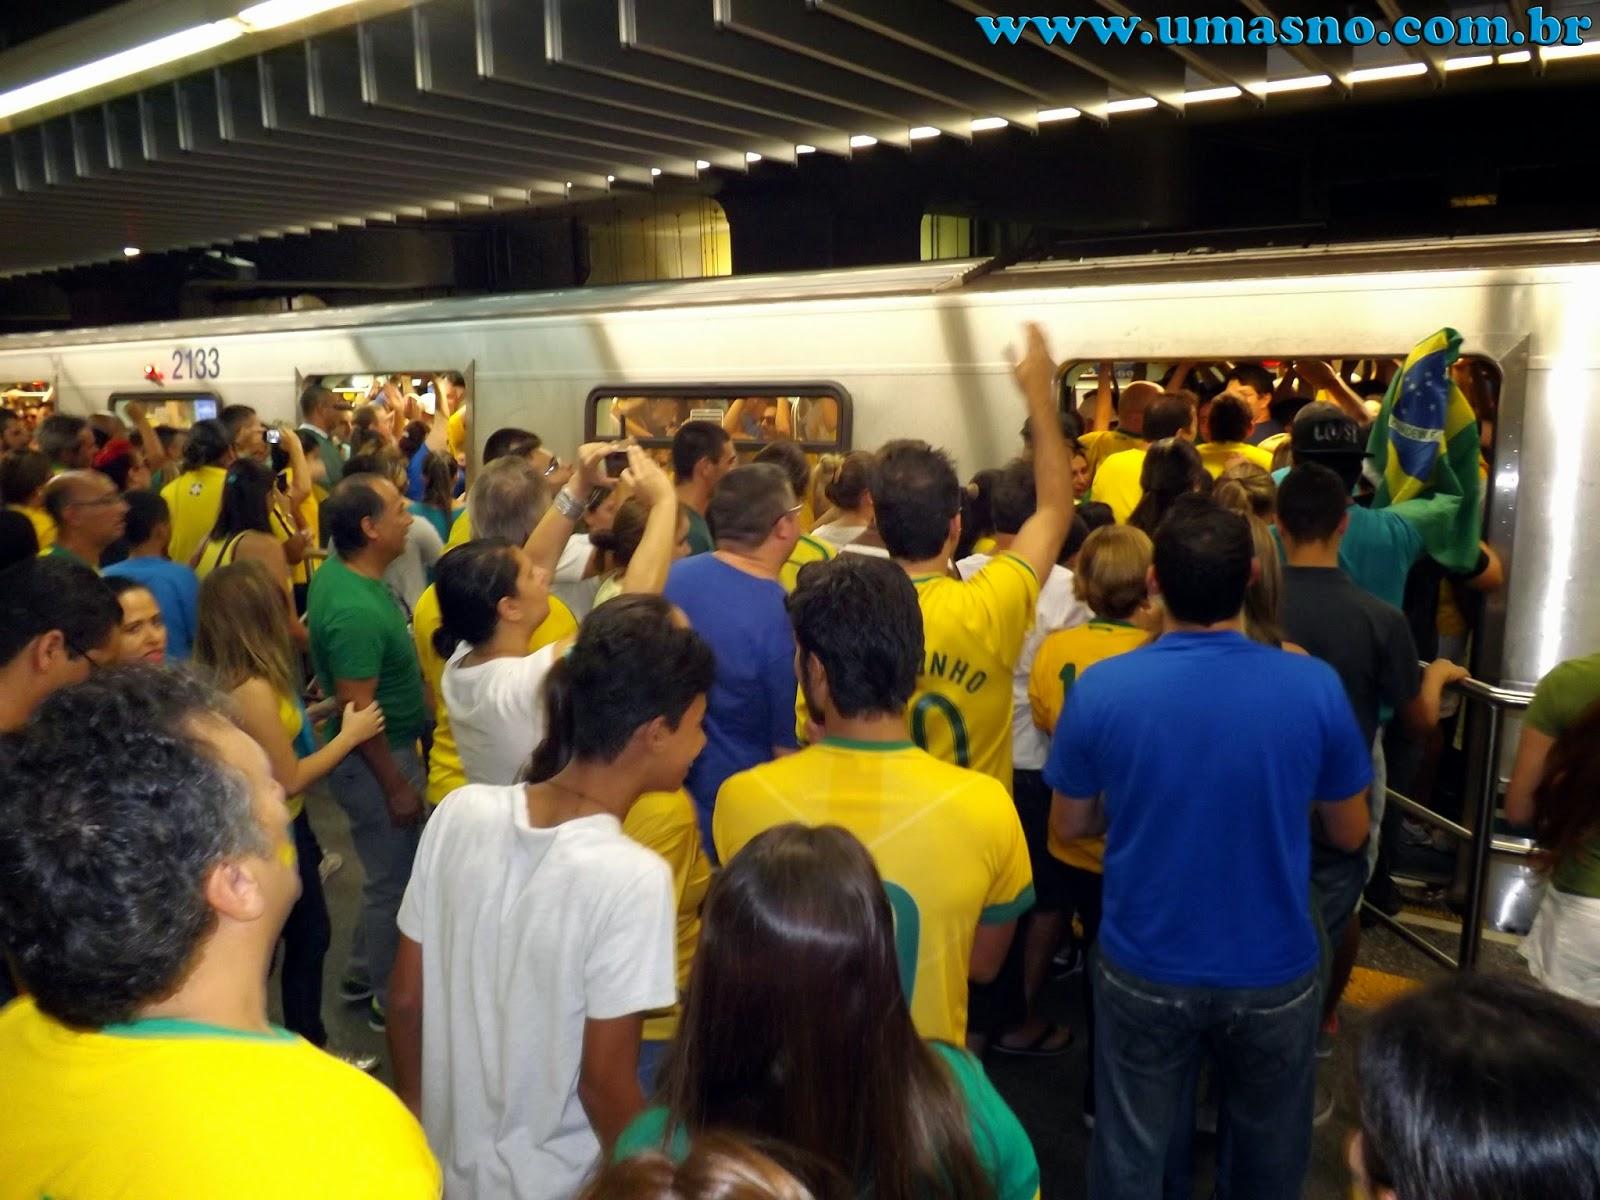 Metrô de São Paulo com Manifestantes do dia 15 de Março - Um Asno